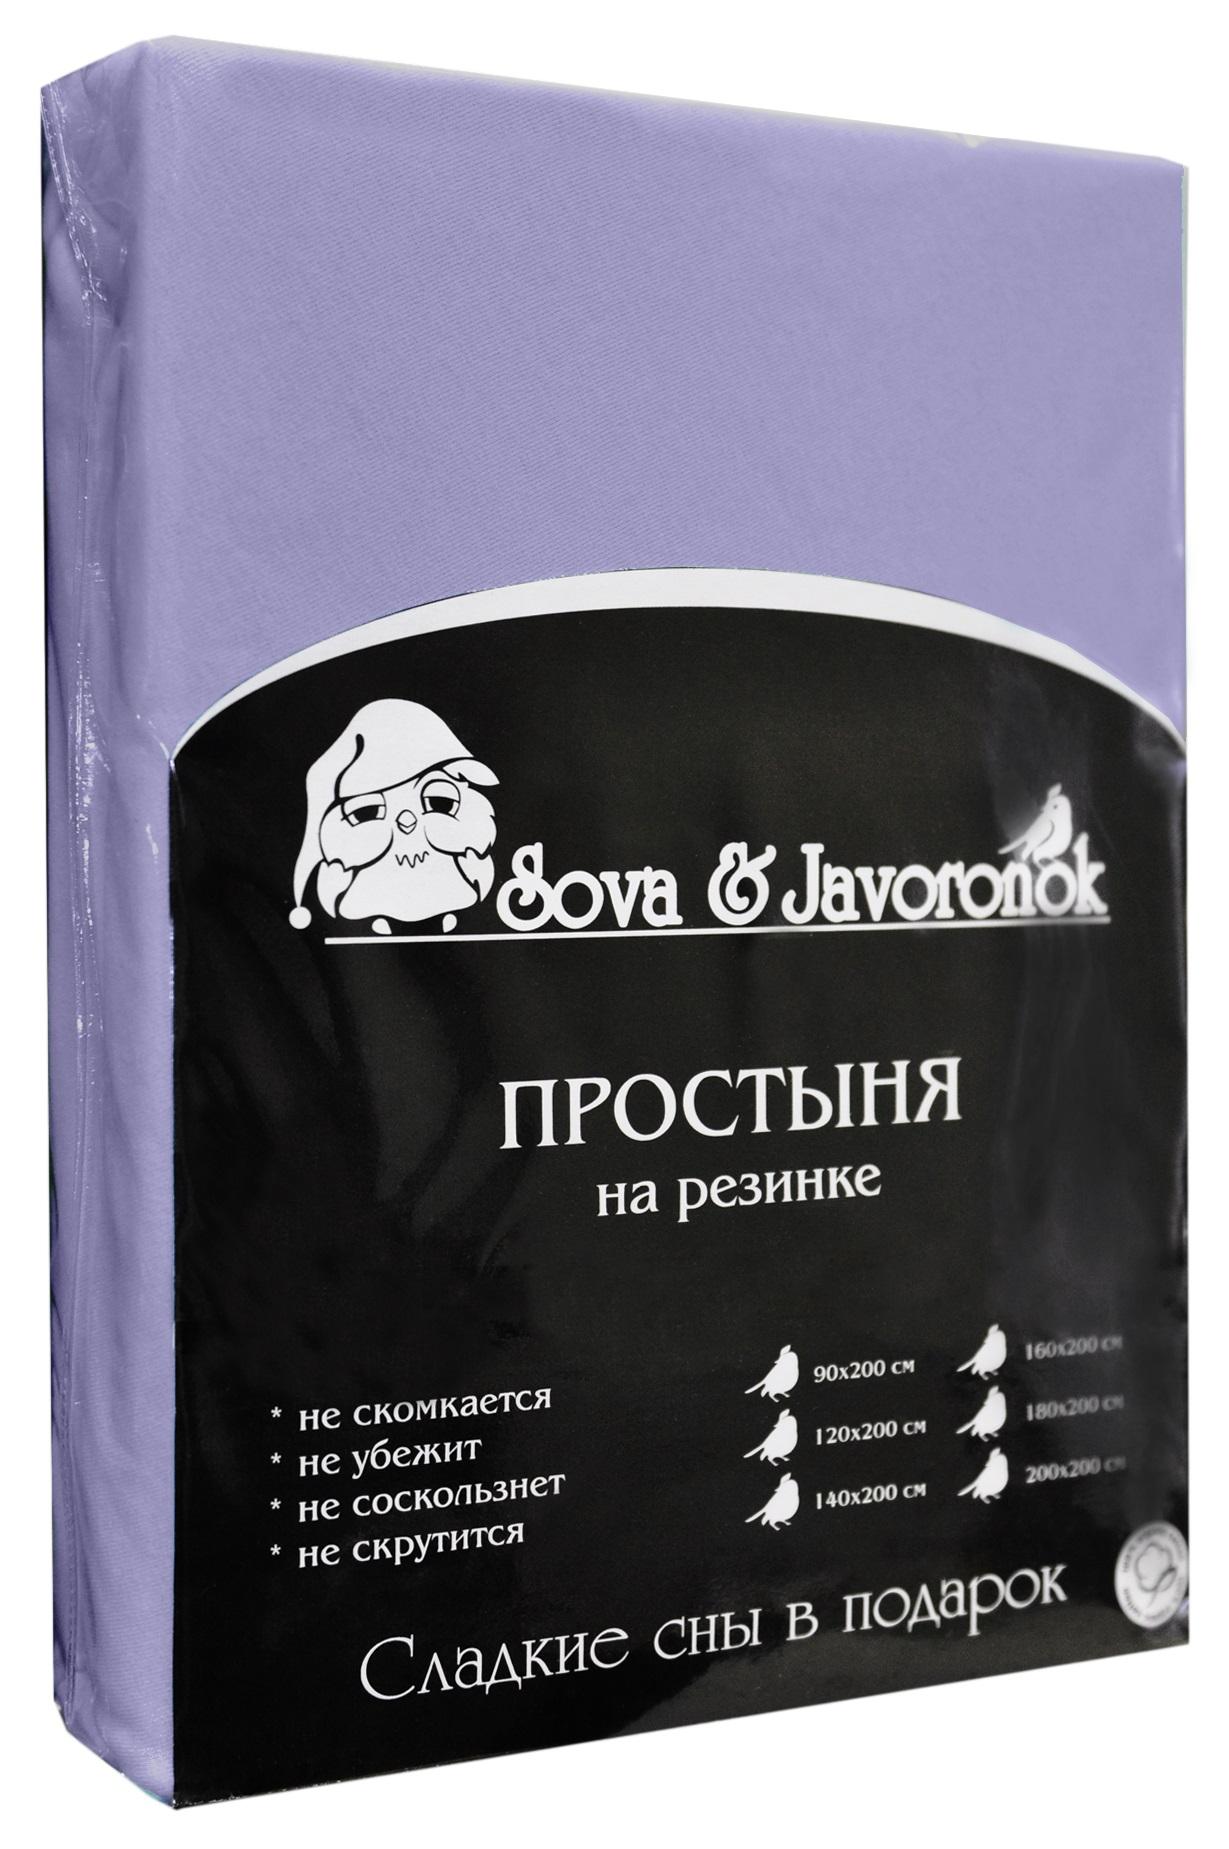 Простыня на резинке Sova & Javoronok, цвет: фиолетовый, 90 см х 200 см0803113690Простыня на резинке Sova & Javoronok, изготовленная из трикотажной ткани (100% хлопок), будет превосходно смотреться с любыми комплектами белья. Хлопчатобумажный трикотаж по праву считается одним из самых качественных, прочных и при этом приятных на ощупь. Его гигиеничность позволяет использовать простыню и в детских комнатах, к тому же 100%-ый хлопок в составе ткани не вызовет аллергии. У трикотажного полотна очень интересная структура, немного рыхлая за счет отсутствия плотного переплетения нитей и наличия особых петель, благодаря этому простыня Сова и Жаворонок отлично пропускает воздух и способствует его постоянной циркуляции. Поэтому ваша постель будет всегда оставаться свежей. Но главное и, пожалуй, самое известное свойство трикотажа - это его великолепная растяжимость, поэтому эта ткань и была выбрана для натяжной простыни на резинке.Простыня прошита резинкой по всему периметру, что обеспечивает более комфортный отдых, так как она прочно удерживается на матрасе и избавляет от необходимости часто поправлять простыню.